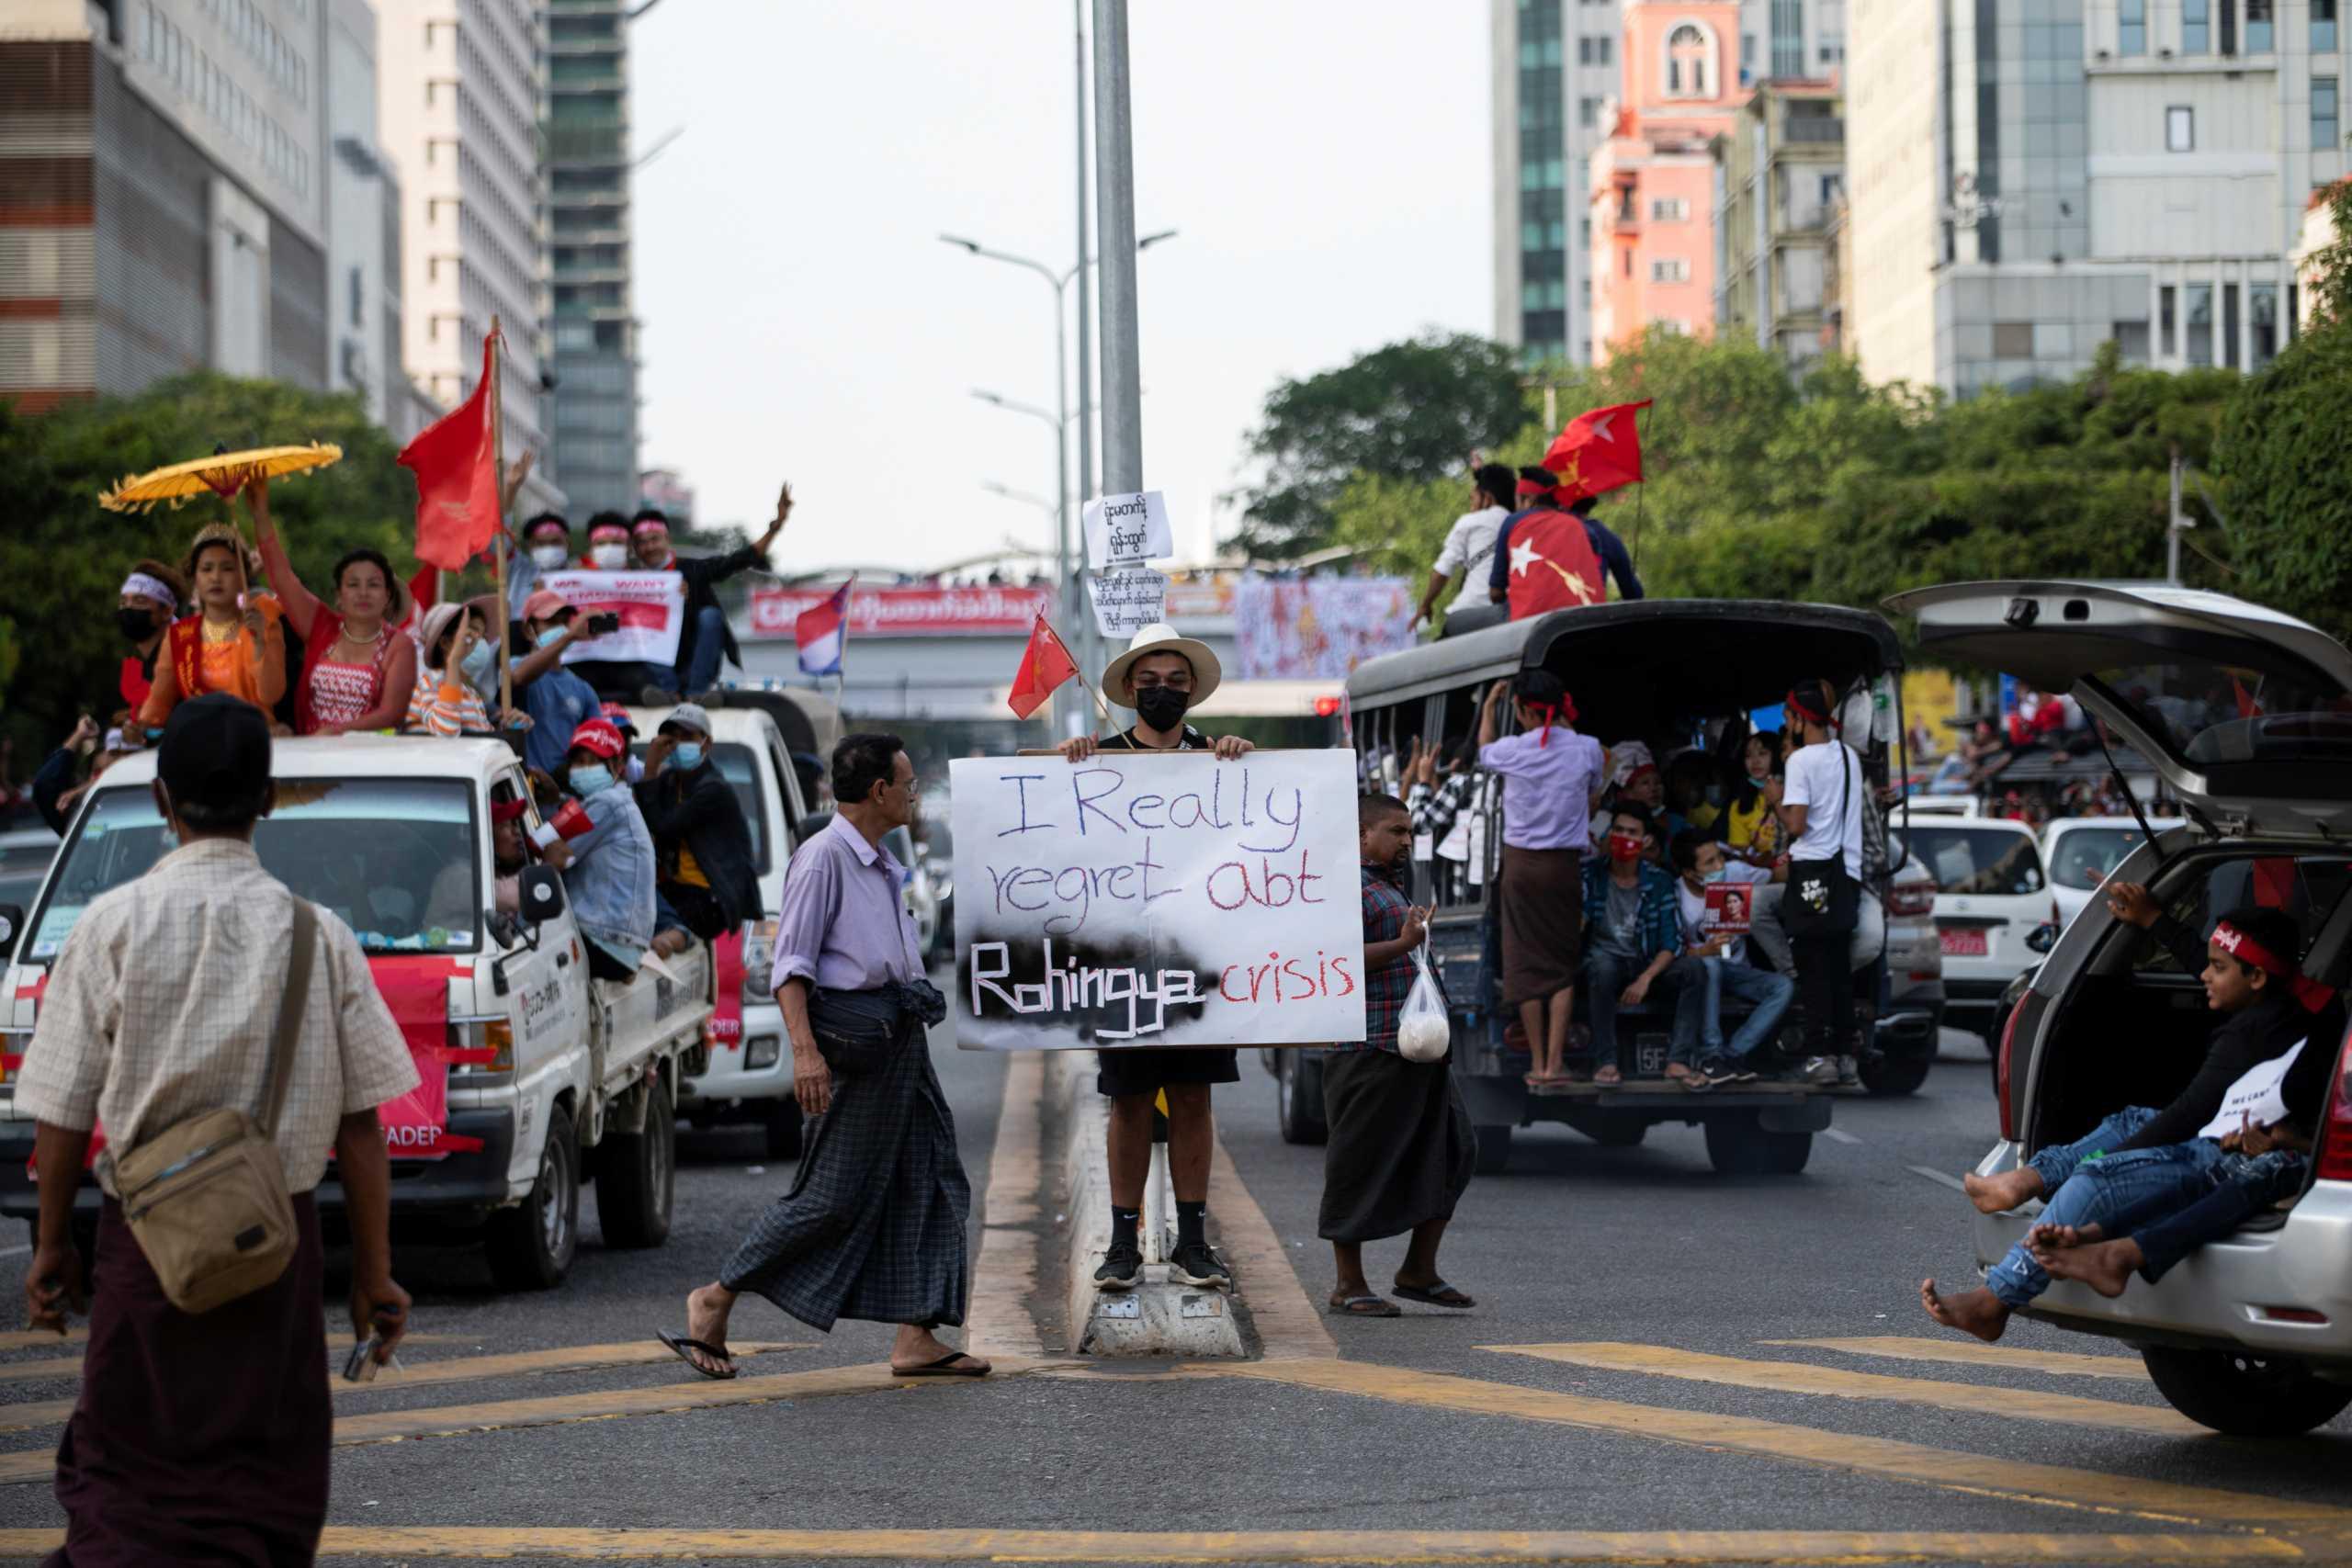 Μιανμάρ: Στους δρόμους χιλιάδες διαδηλωτές παρά τις απειλές και τις συλλήψεις από τους πραξικοπηματίες